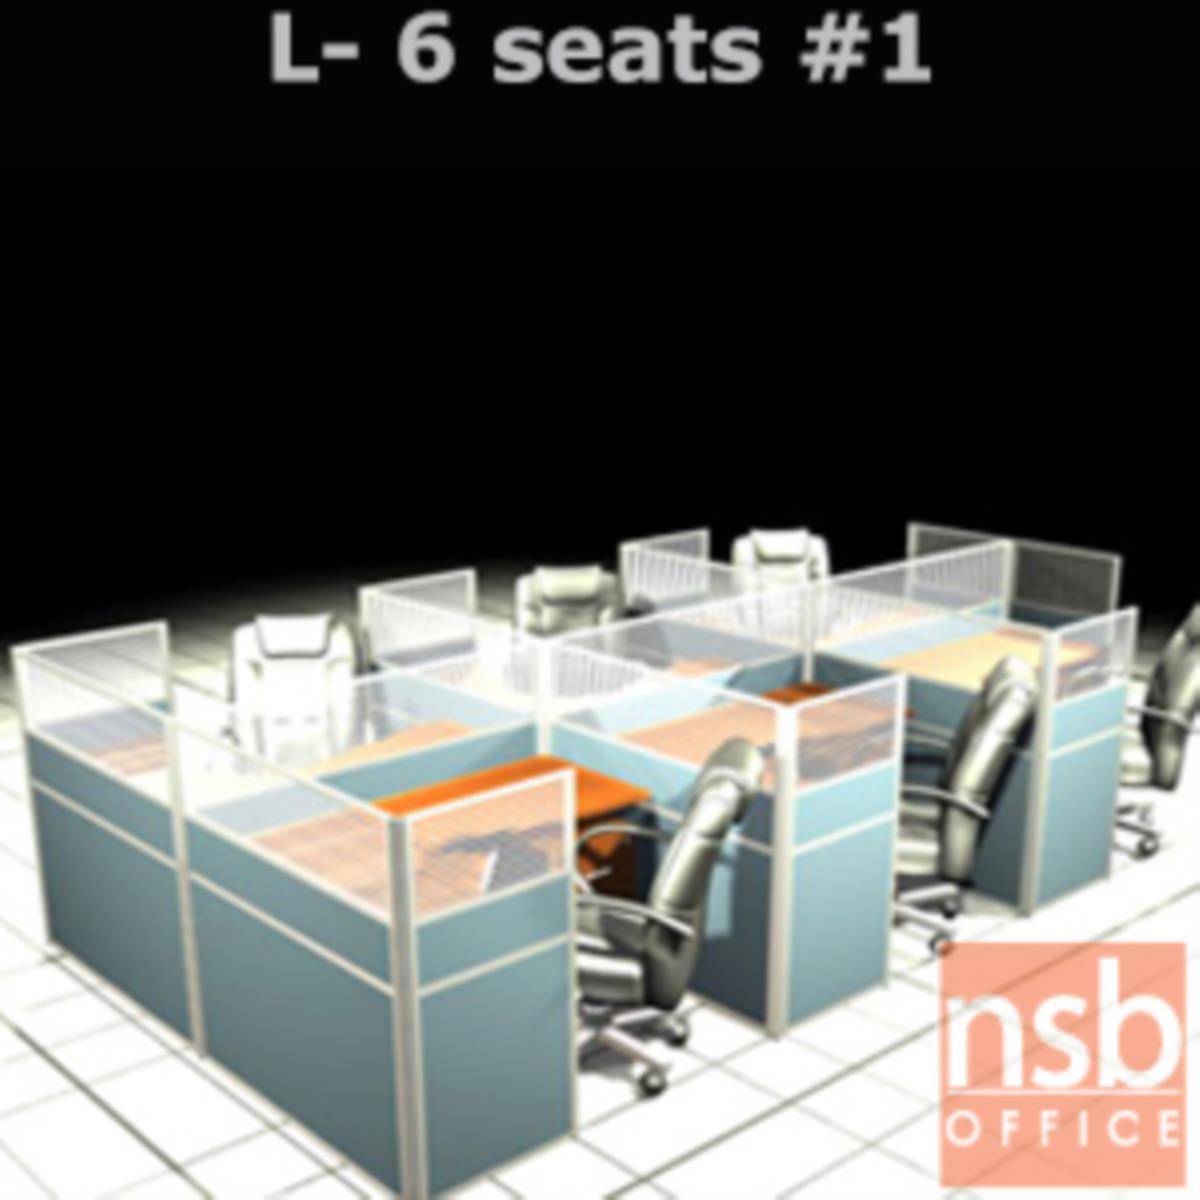 A04A117:ชุดโต๊ะทำงานกลุ่มตัวแอล 6 ที่นั่ง   ขนาดรวม 458W*246D cm.  พร้อมพาร์ทิชั่นครึ่งกระจกขัดลาย